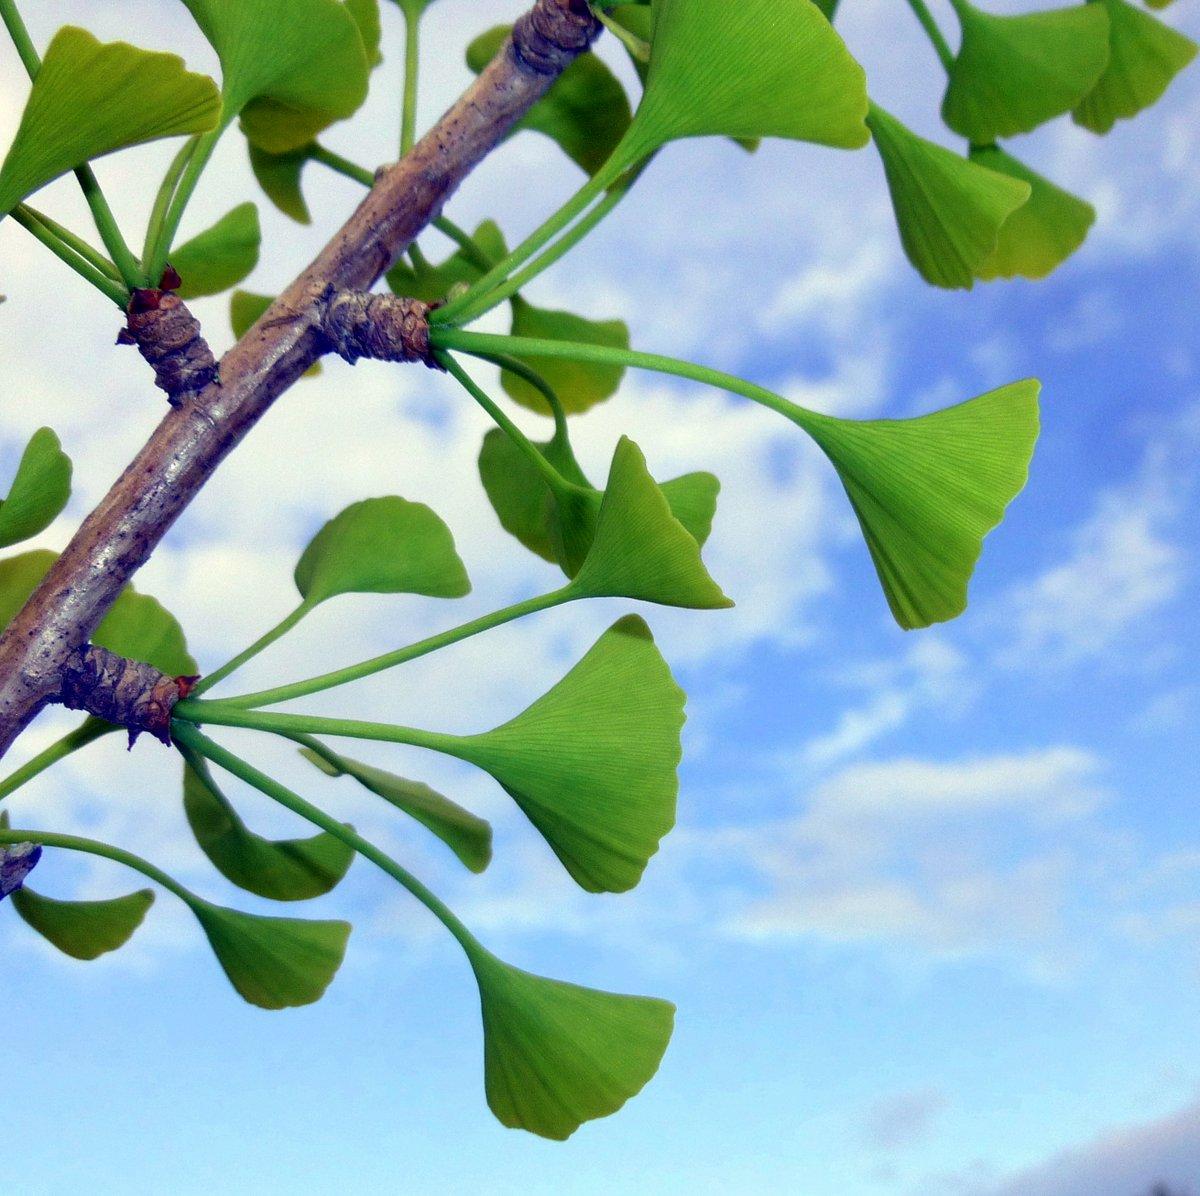 3. Ginko Leaves